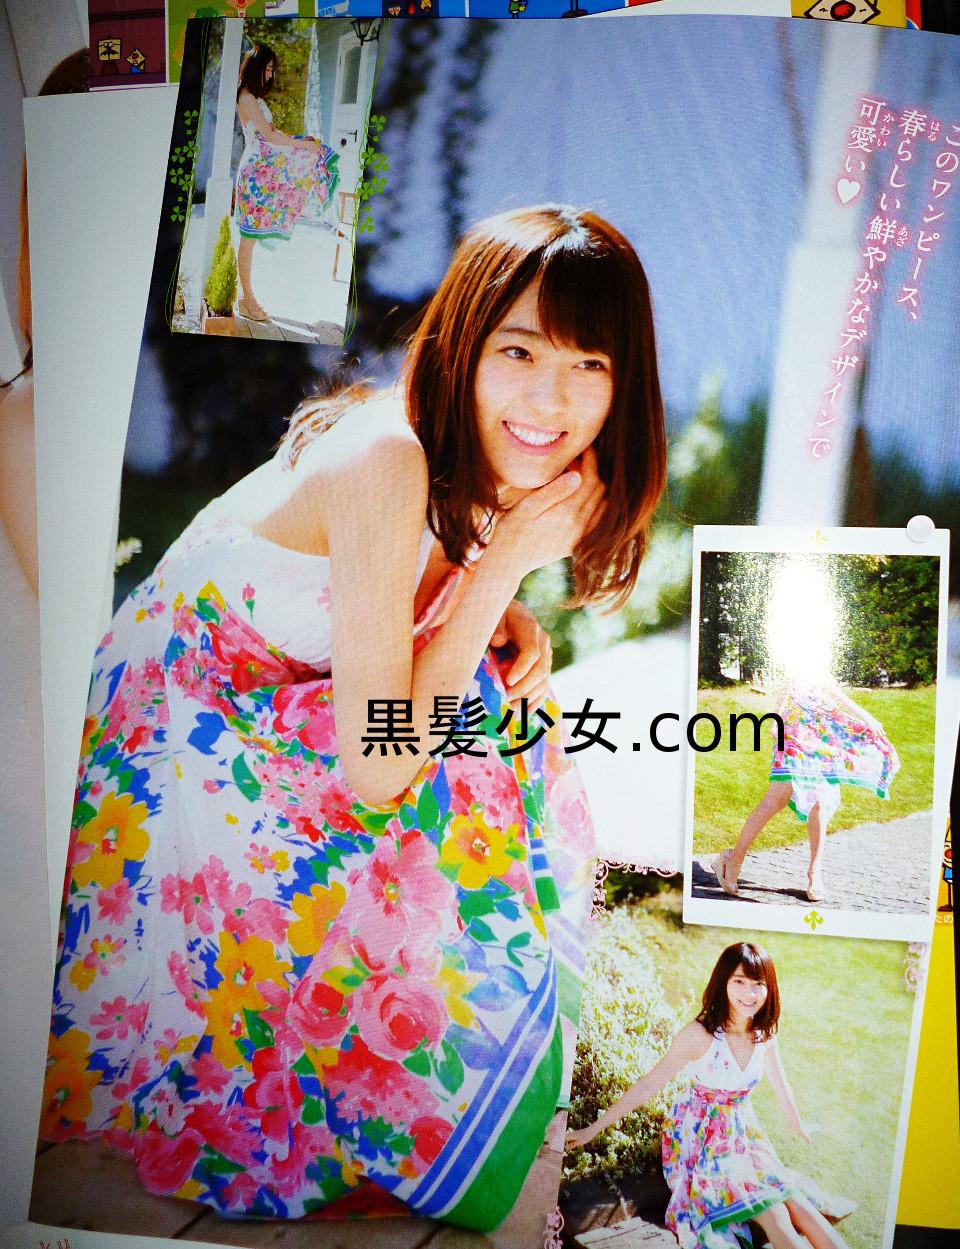 宮脇咲良の週刊少年チャンピオンを買う 表紙&水着ポスター 2016年No.21 (4)